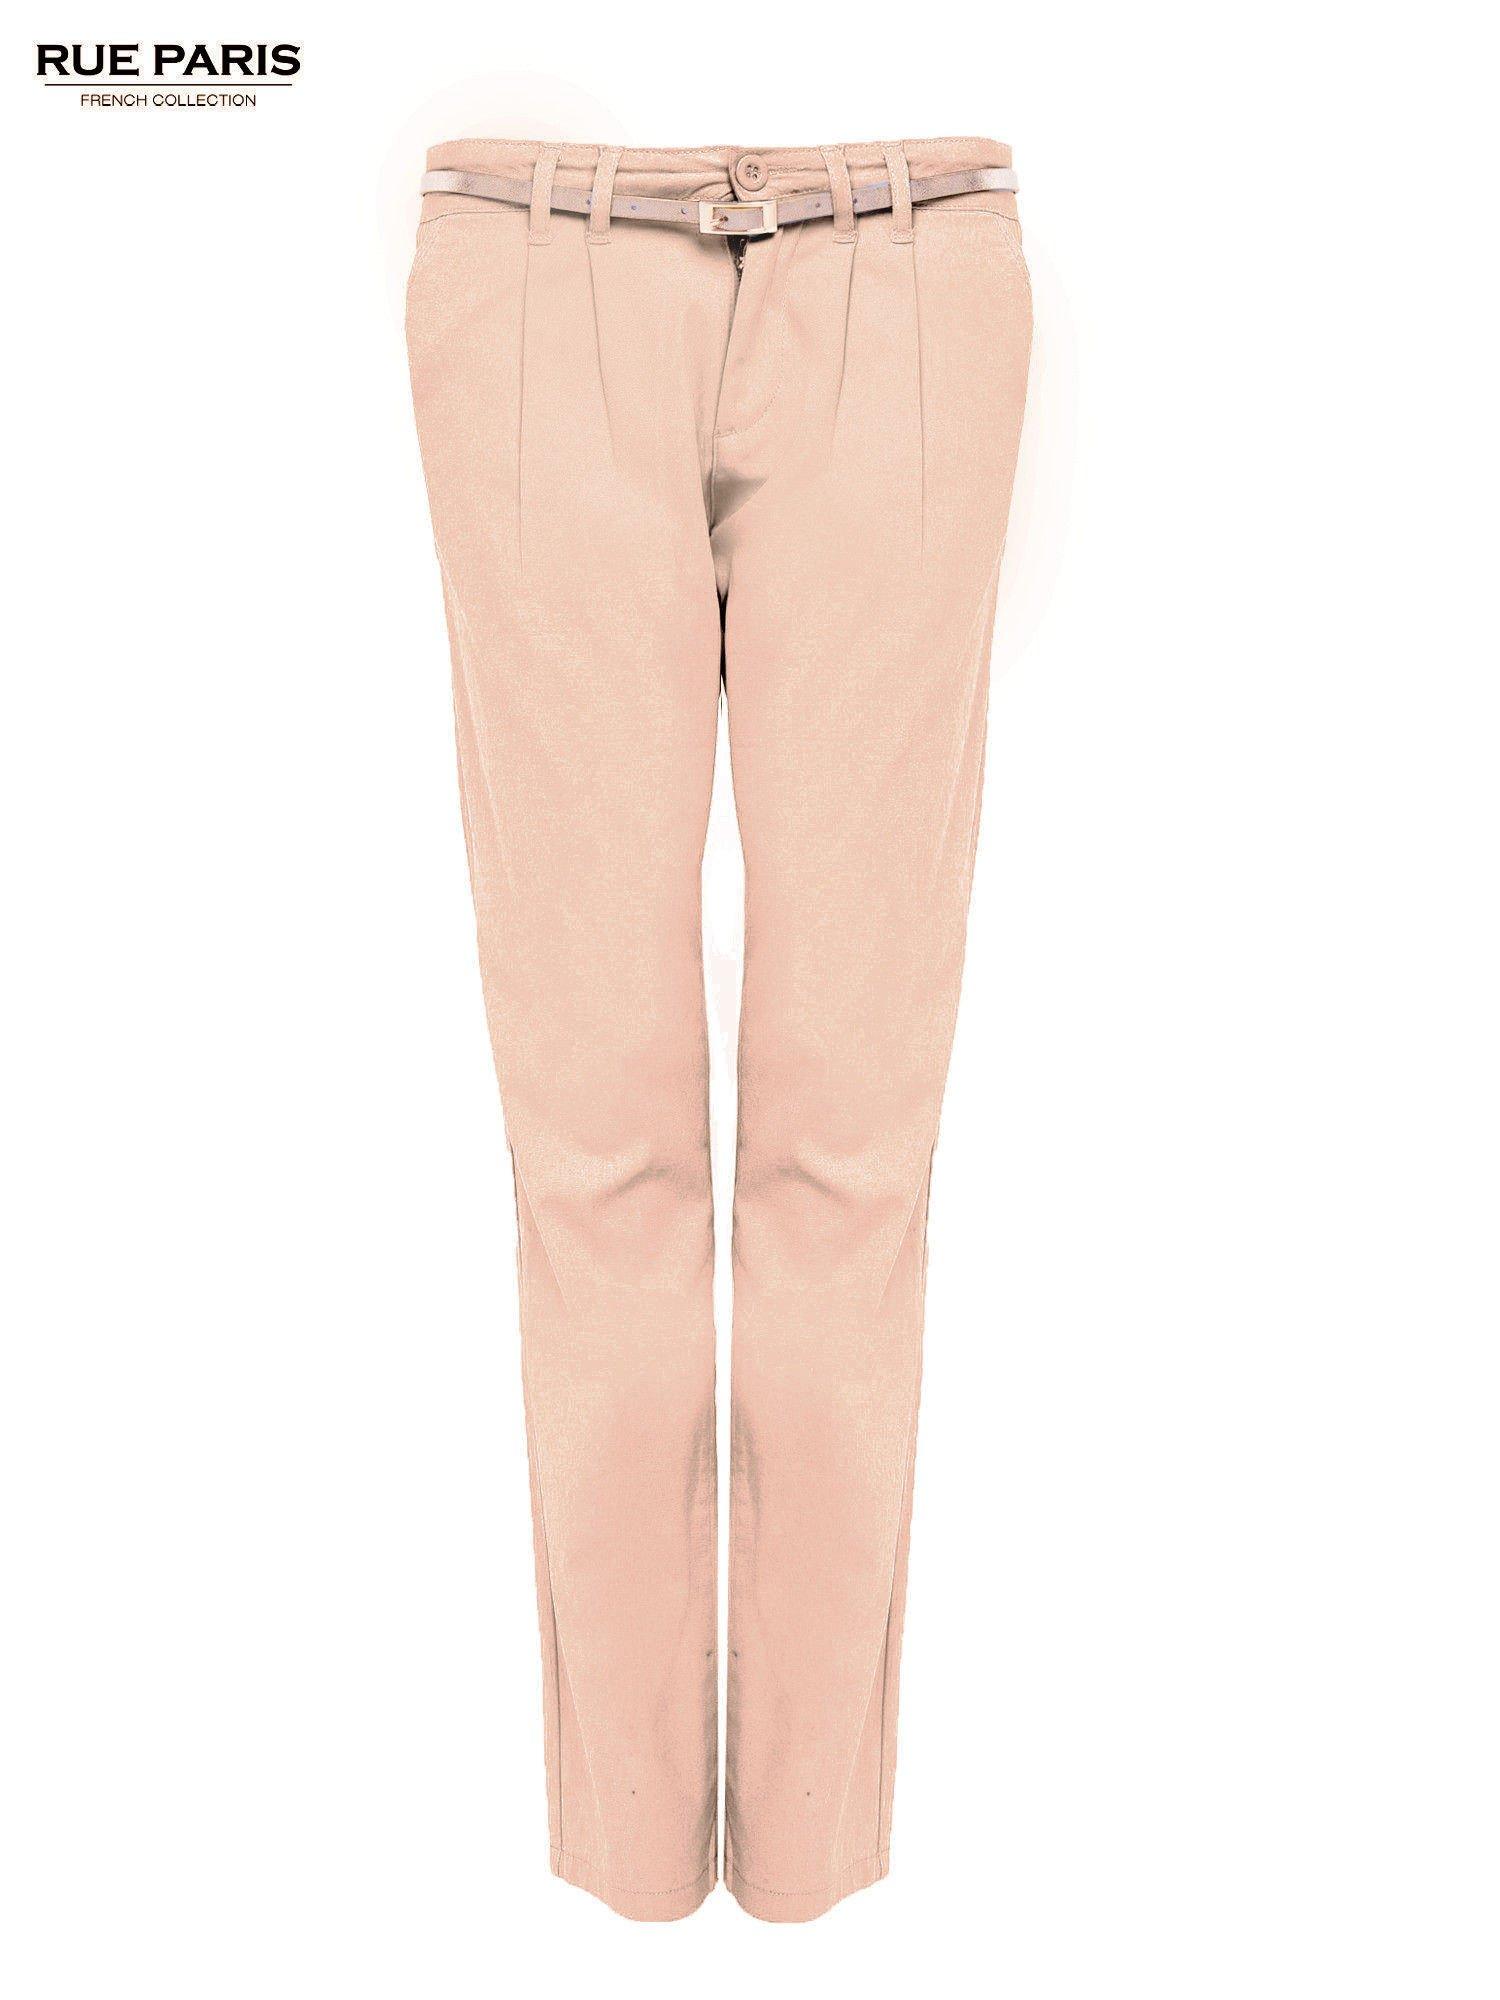 Ciemnobeżowe spodnie z paskiem z lakierowanej skóry                                  zdj.                                  2